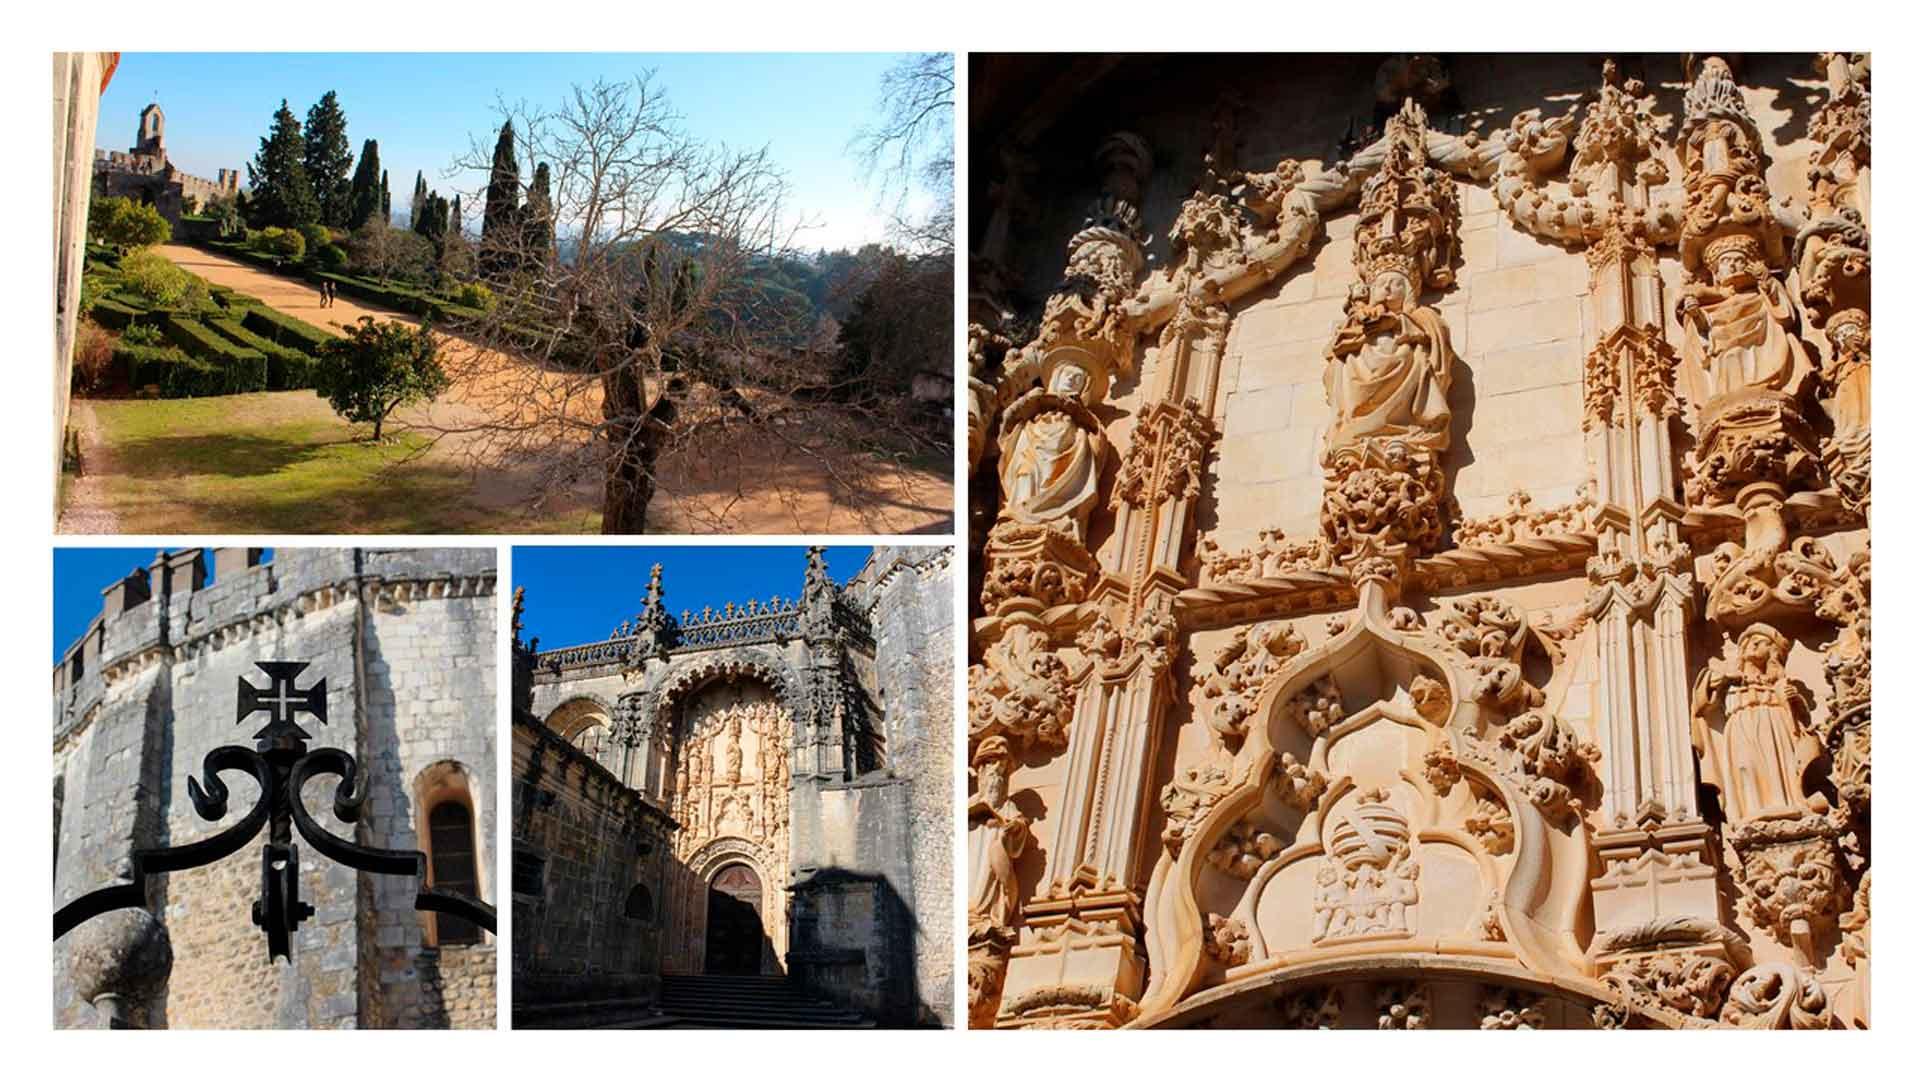 Castelo de Aumourol, em Tomar